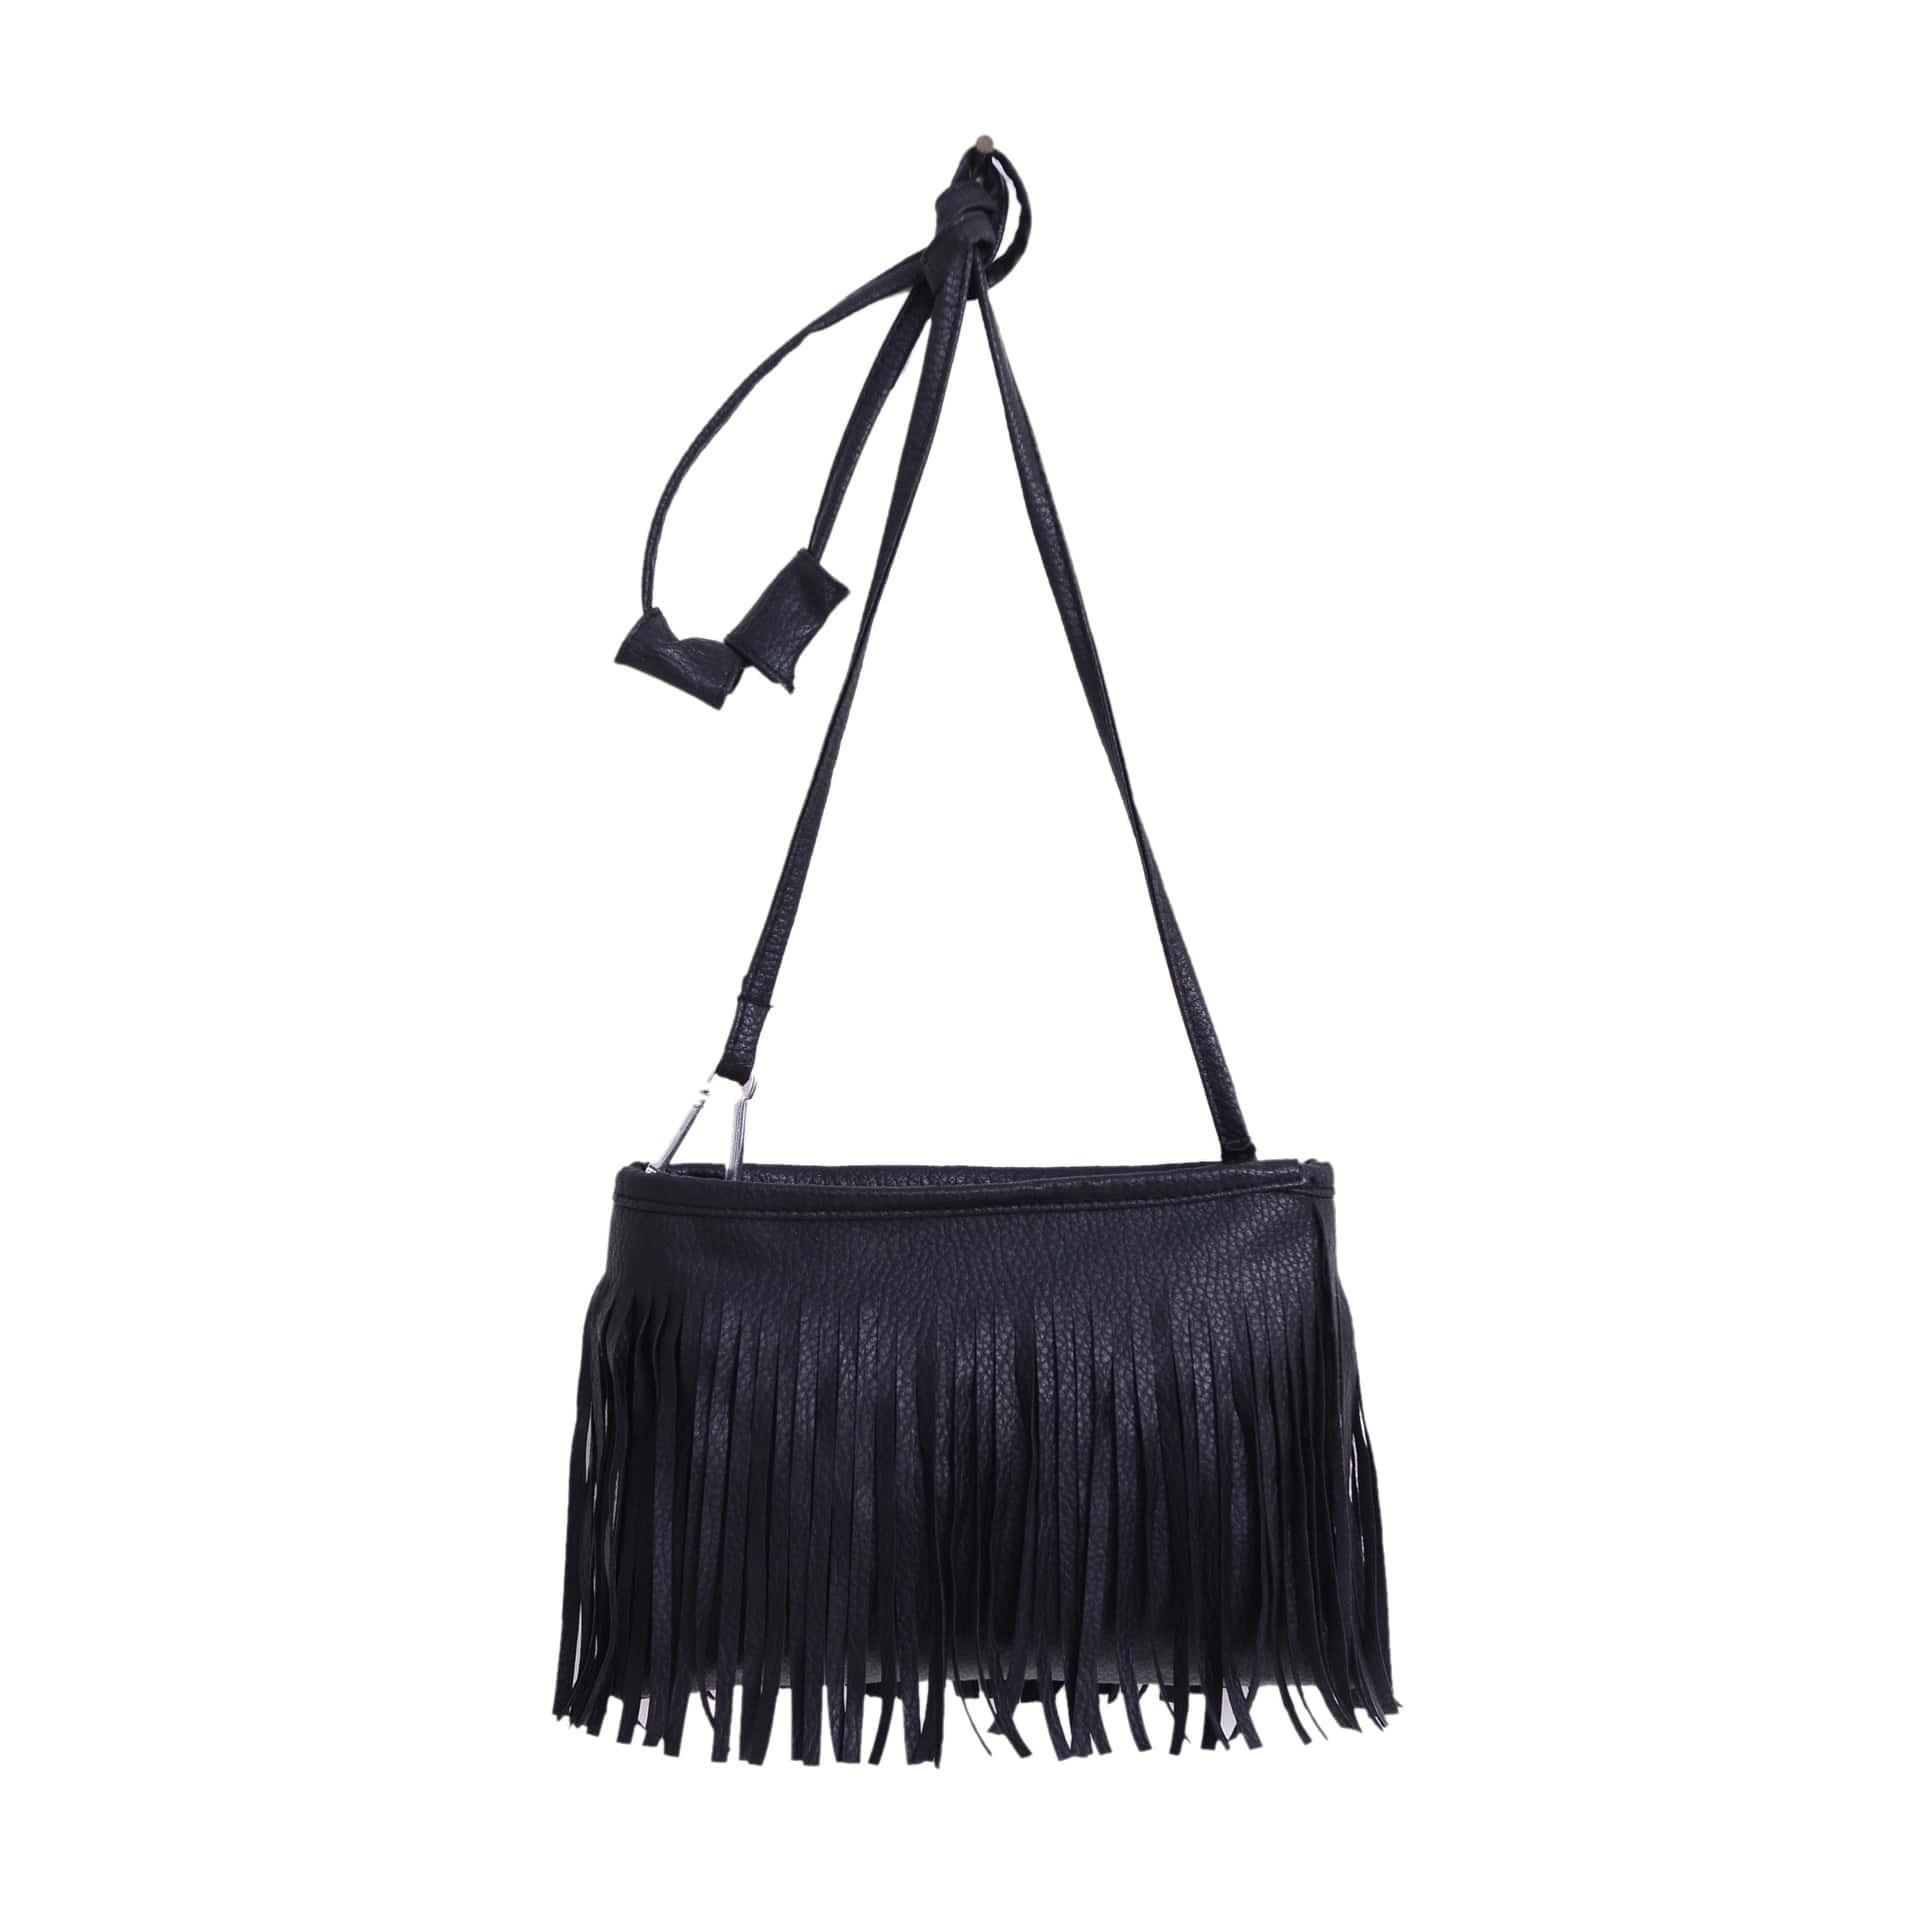 SHEIN / Crossbody Tasche aus Kunstleder mit Quaste besetzt -schwarz